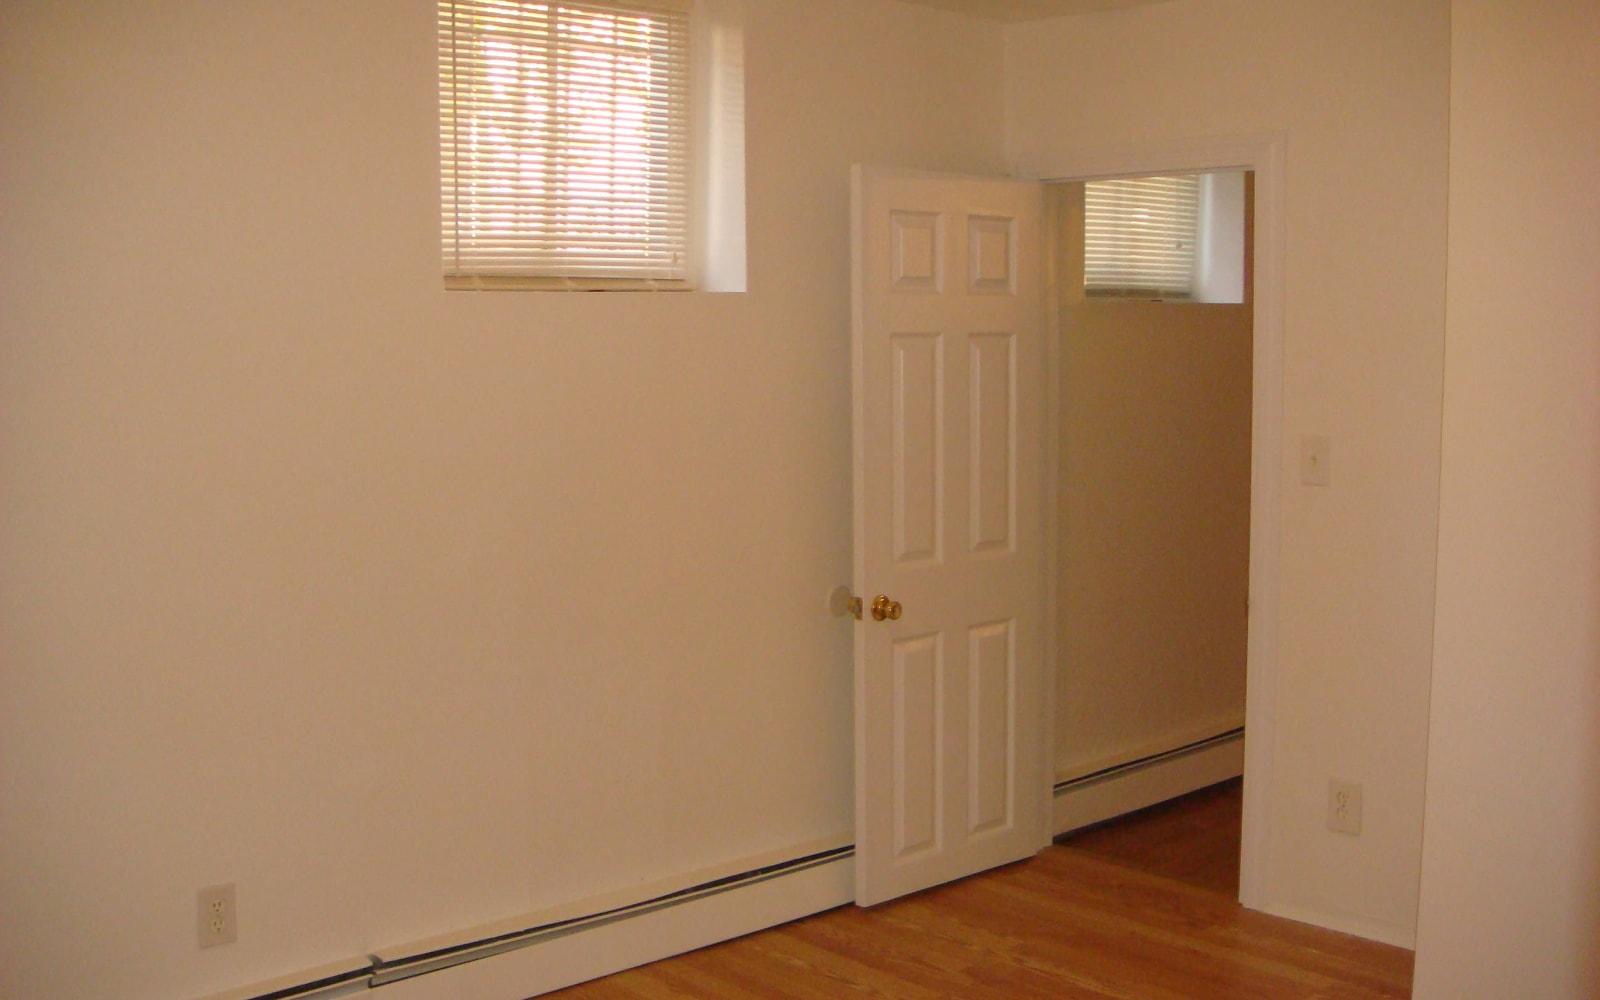 Open master bedroom layout at 400 Atlantic in Bridgeport, Connecticut